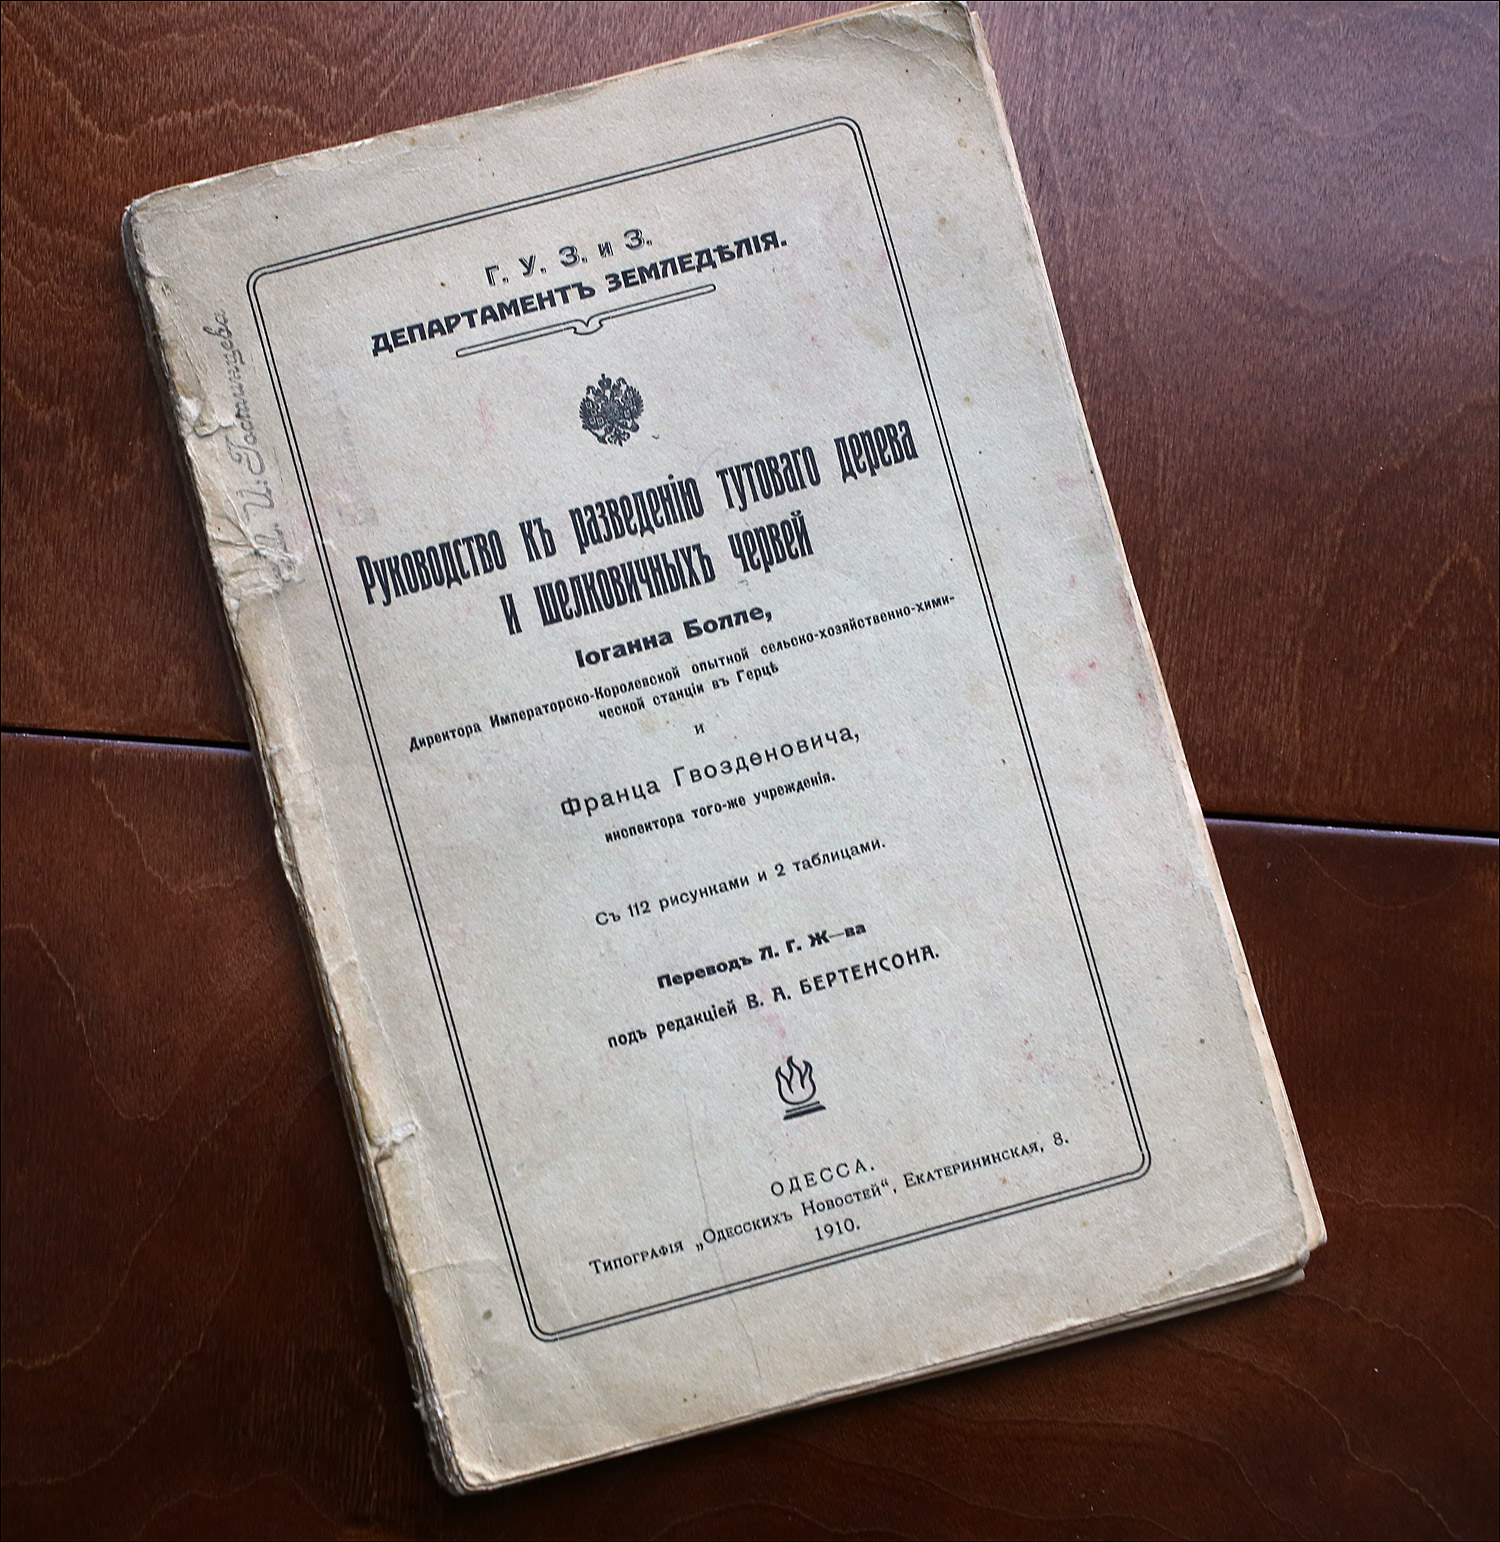 Как воспитать здорового довольного червя: разбираем инструкцию 1910 года - 2